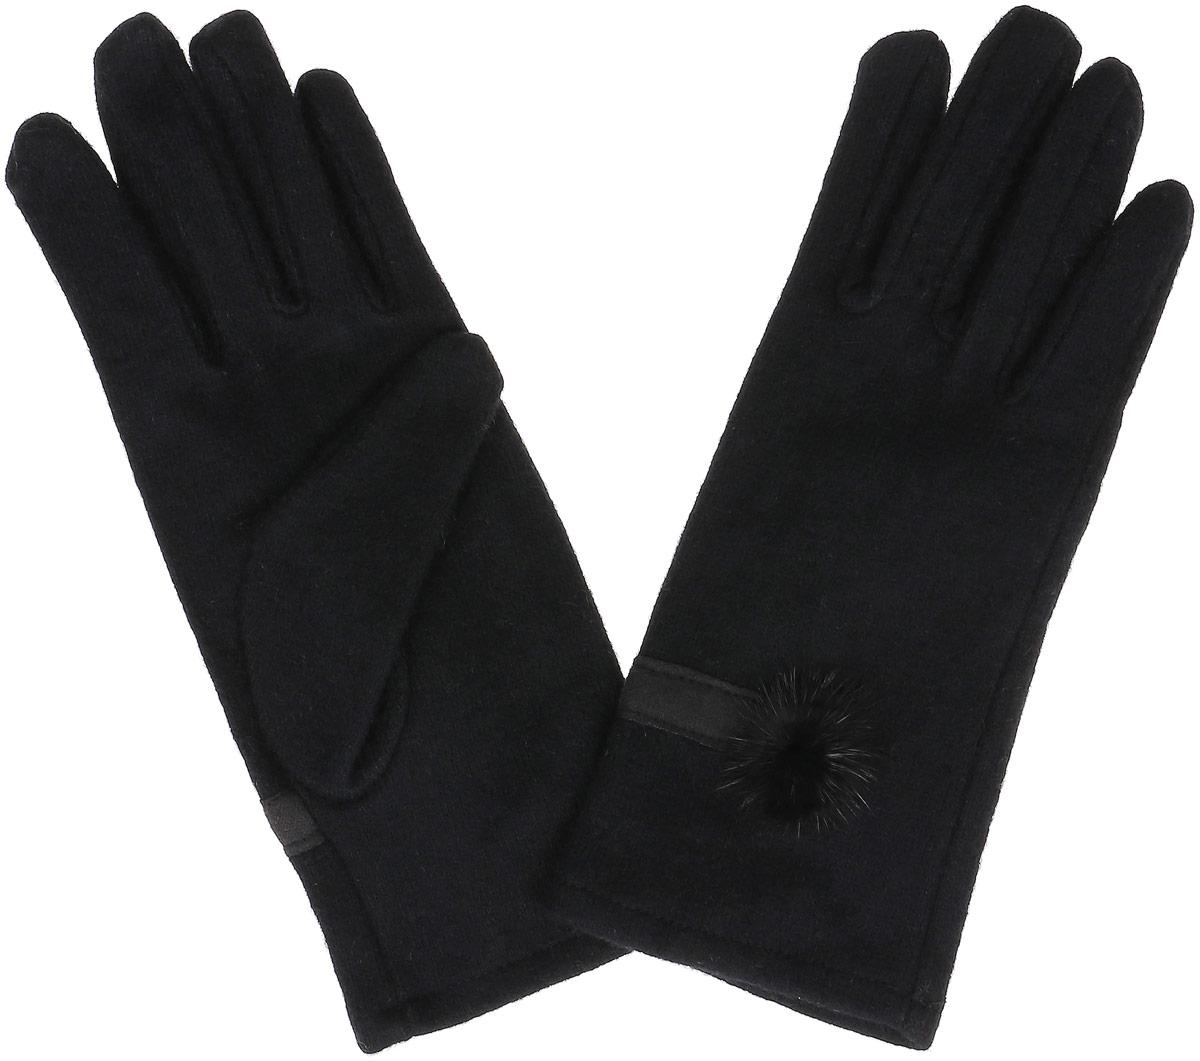 ПерчаткиGL-143/063-6302Элегантные женские перчатки Sela, выполненные из акрила с добавлением шерсти, не только согреют пальчики, но и дополнят ваш наряд в качестве эффектного аксессуара. Эластичный трикотаж не будет стеснять движений. Внешняя сторона перчатки декорирована трикотажной полоской и мехом. Перчатки станут завершающим и подчеркивающим элементом вашего стиля и неповторимости.